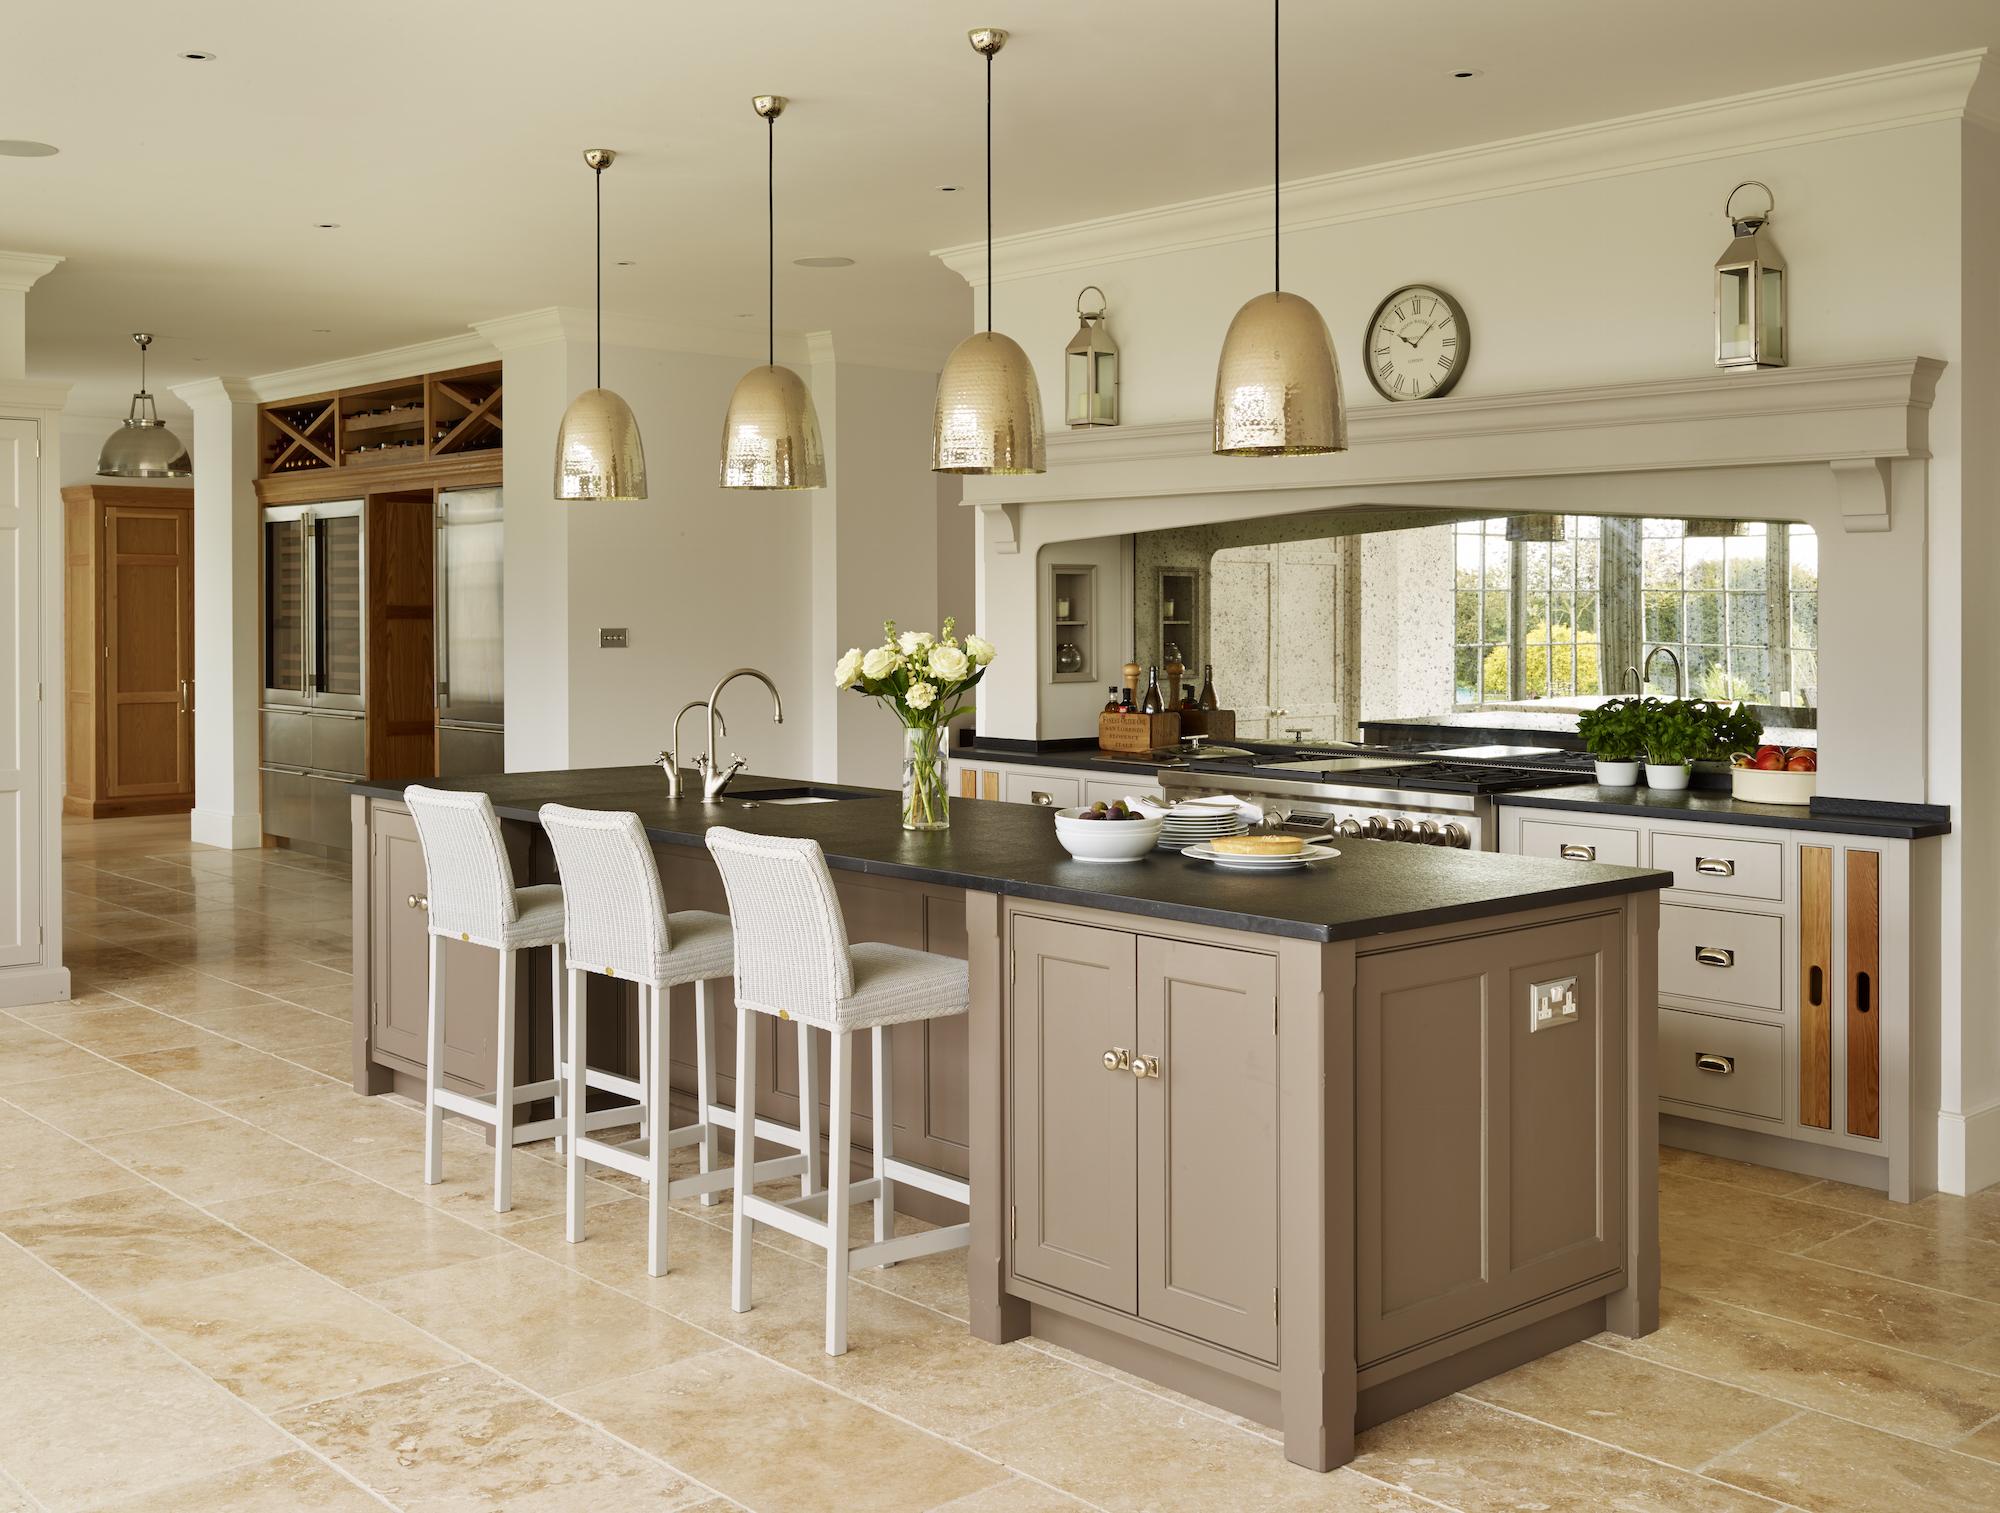 kitchen design ideas kitchen designs kitchen design ideas